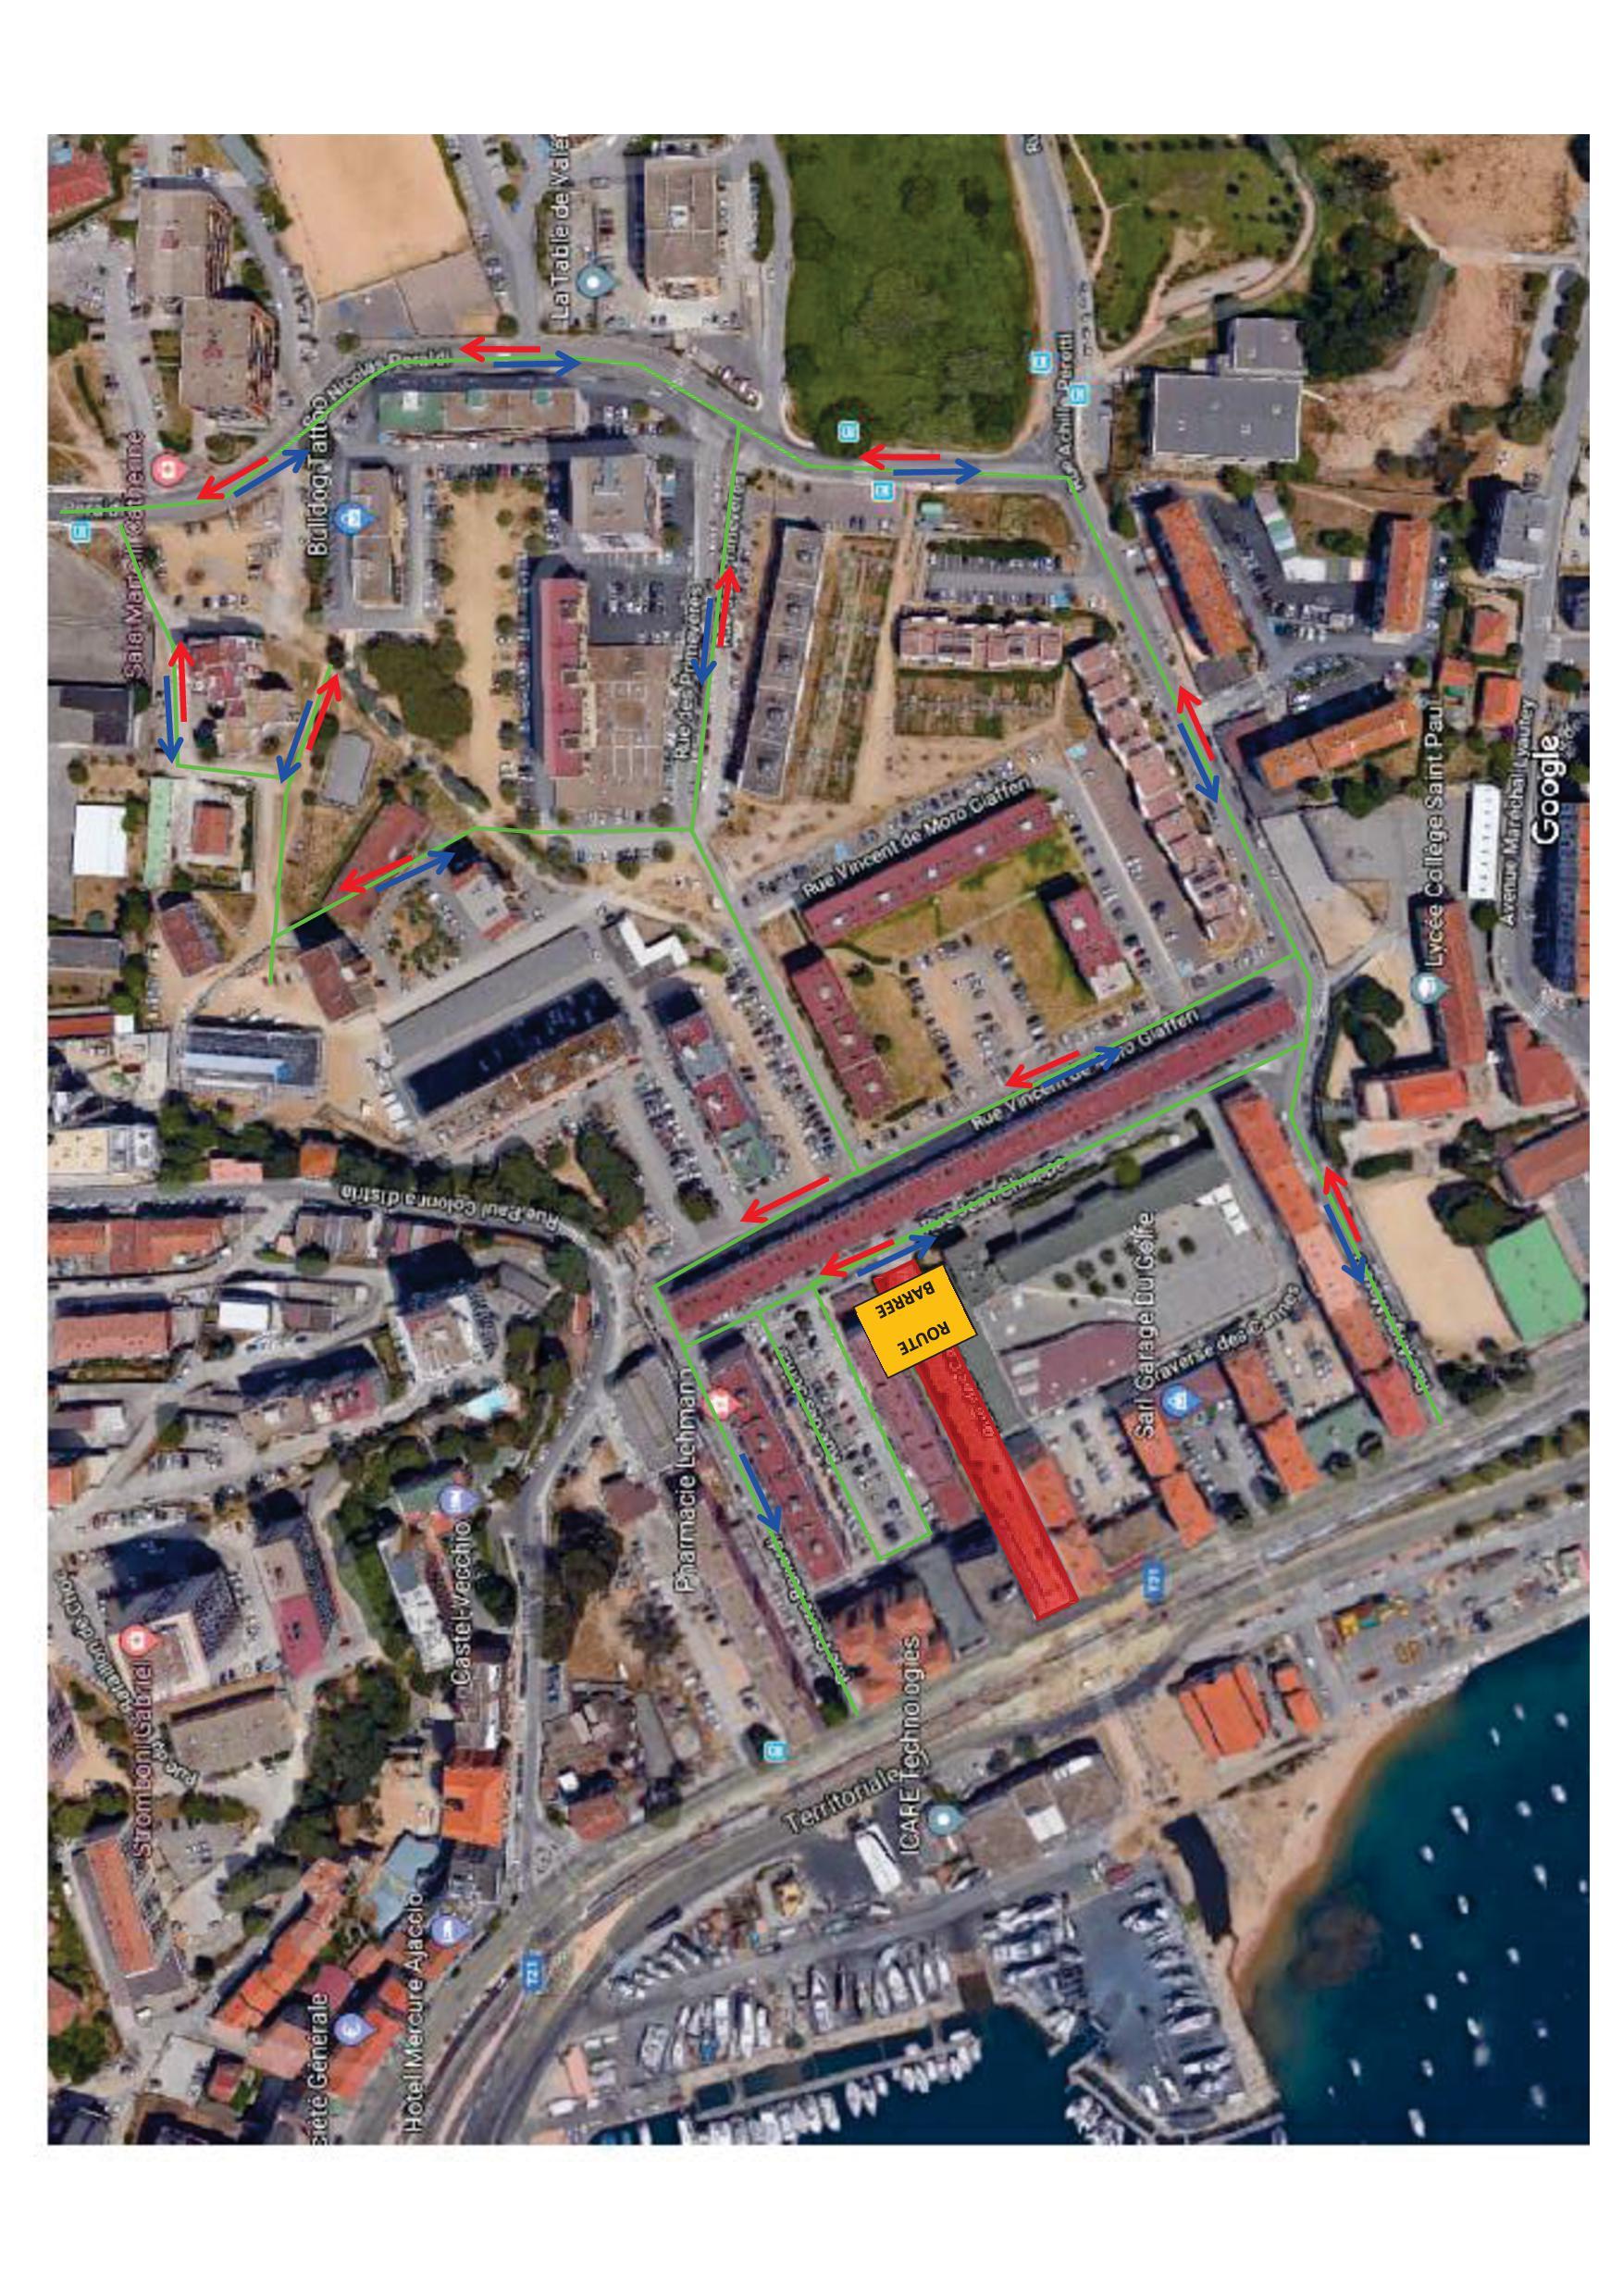 """Plan de Circulation temporaire aux Cannes - Octobre 2018 - """"Travaux de requalification Cannes-Salines"""""""